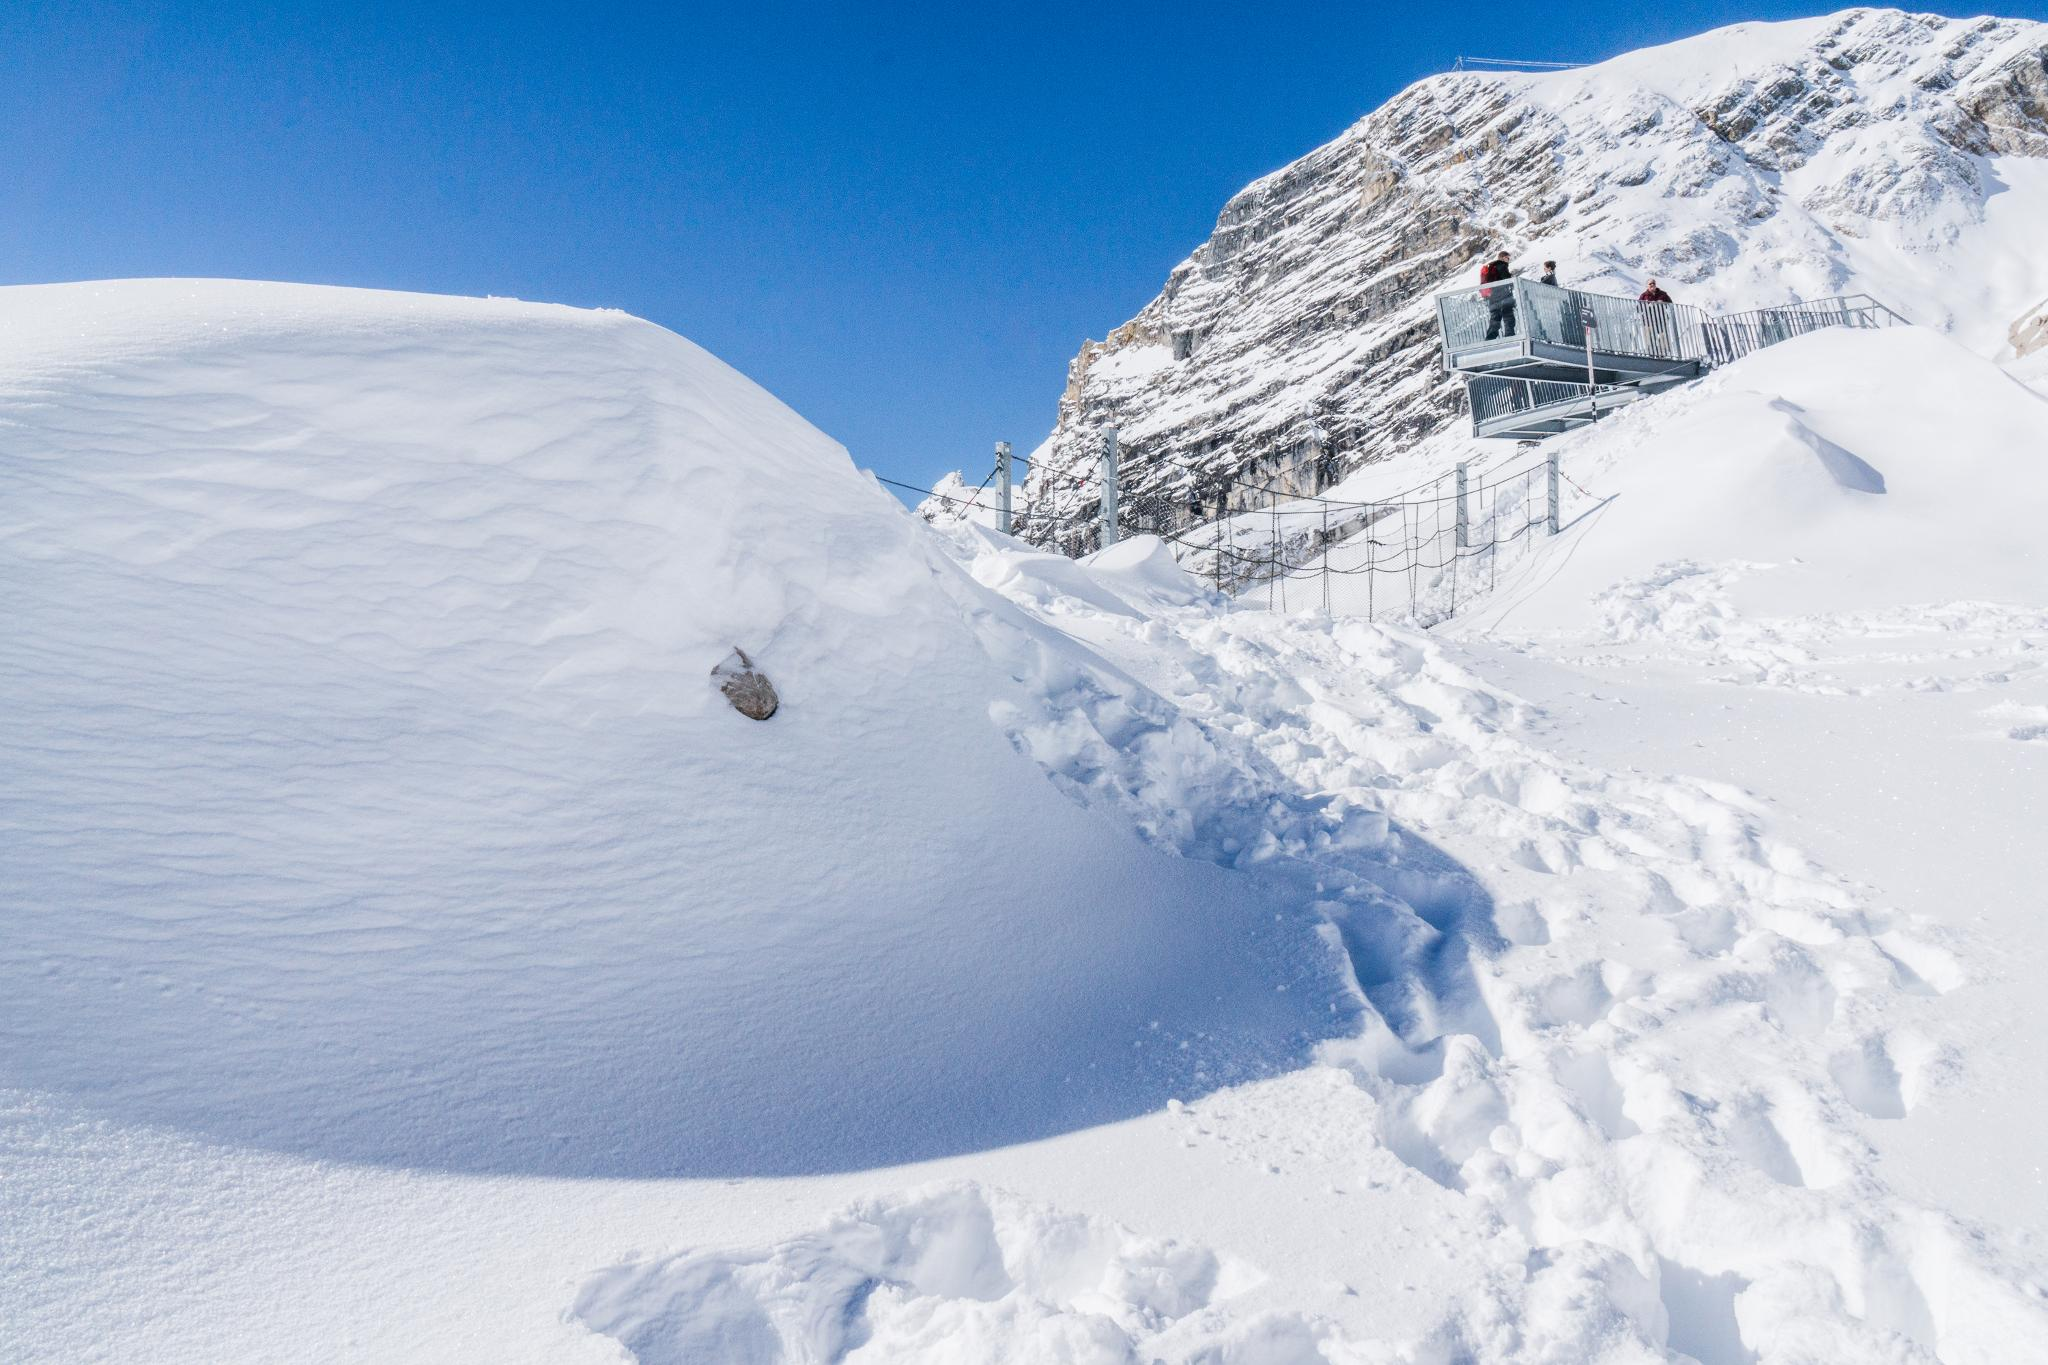 【德國】阿爾卑斯大道:楚格峰 (Zugspitze) 登上德國之巔 31